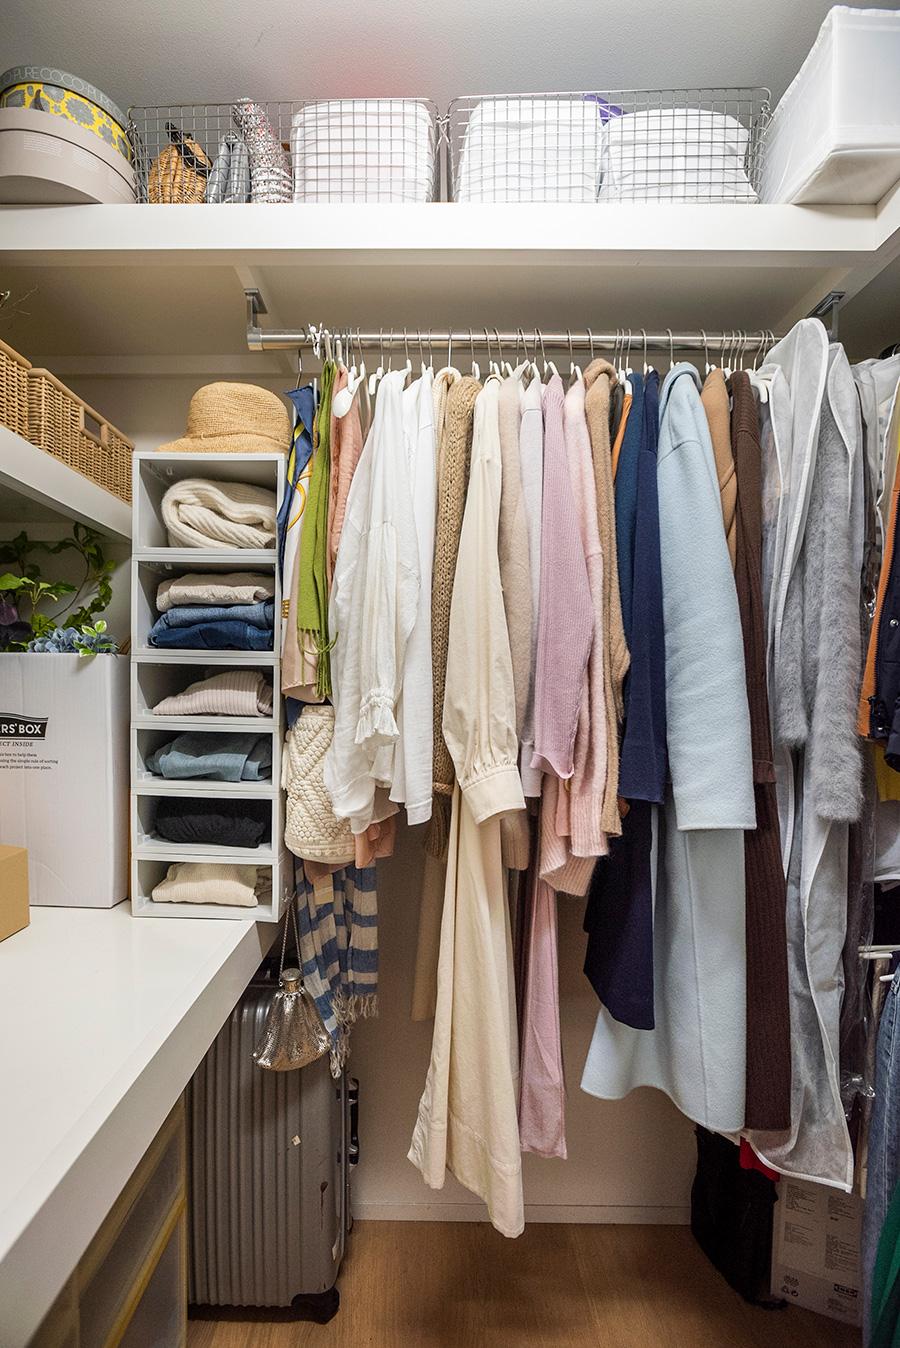 クローゼットはベッドルームに。スペースを活かせるよう棚の取り付け方に工夫あり。かけておくもの、畳むものなどを考えて無駄なく収納。